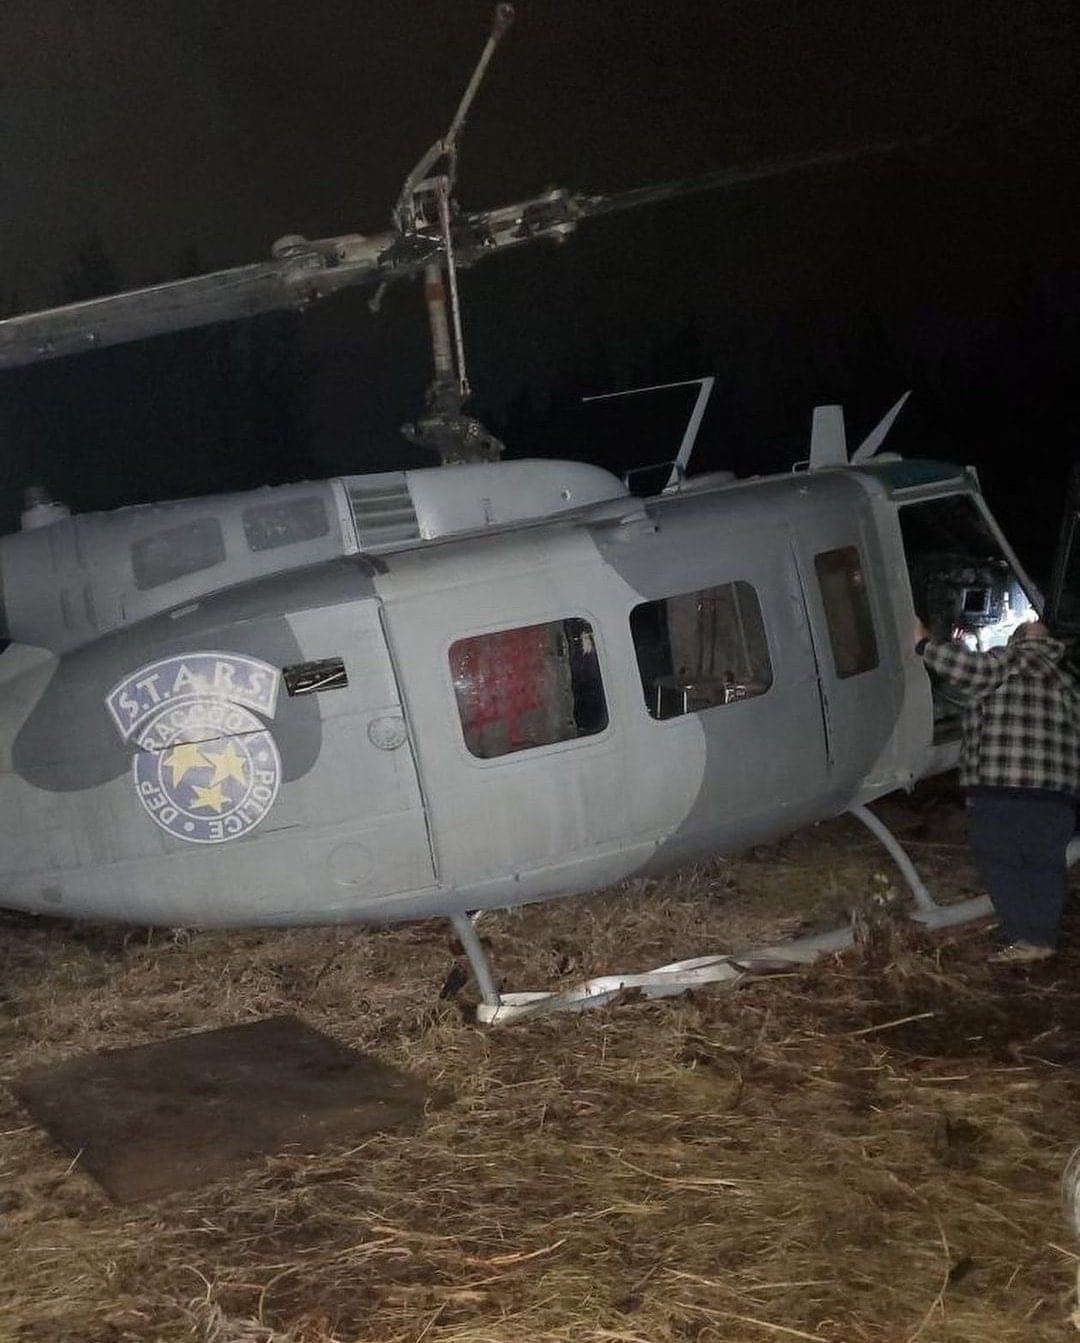 Вертолет S.T.A.R.S. и особняк Спенсера на новых фото декораций фильма Resident Evil